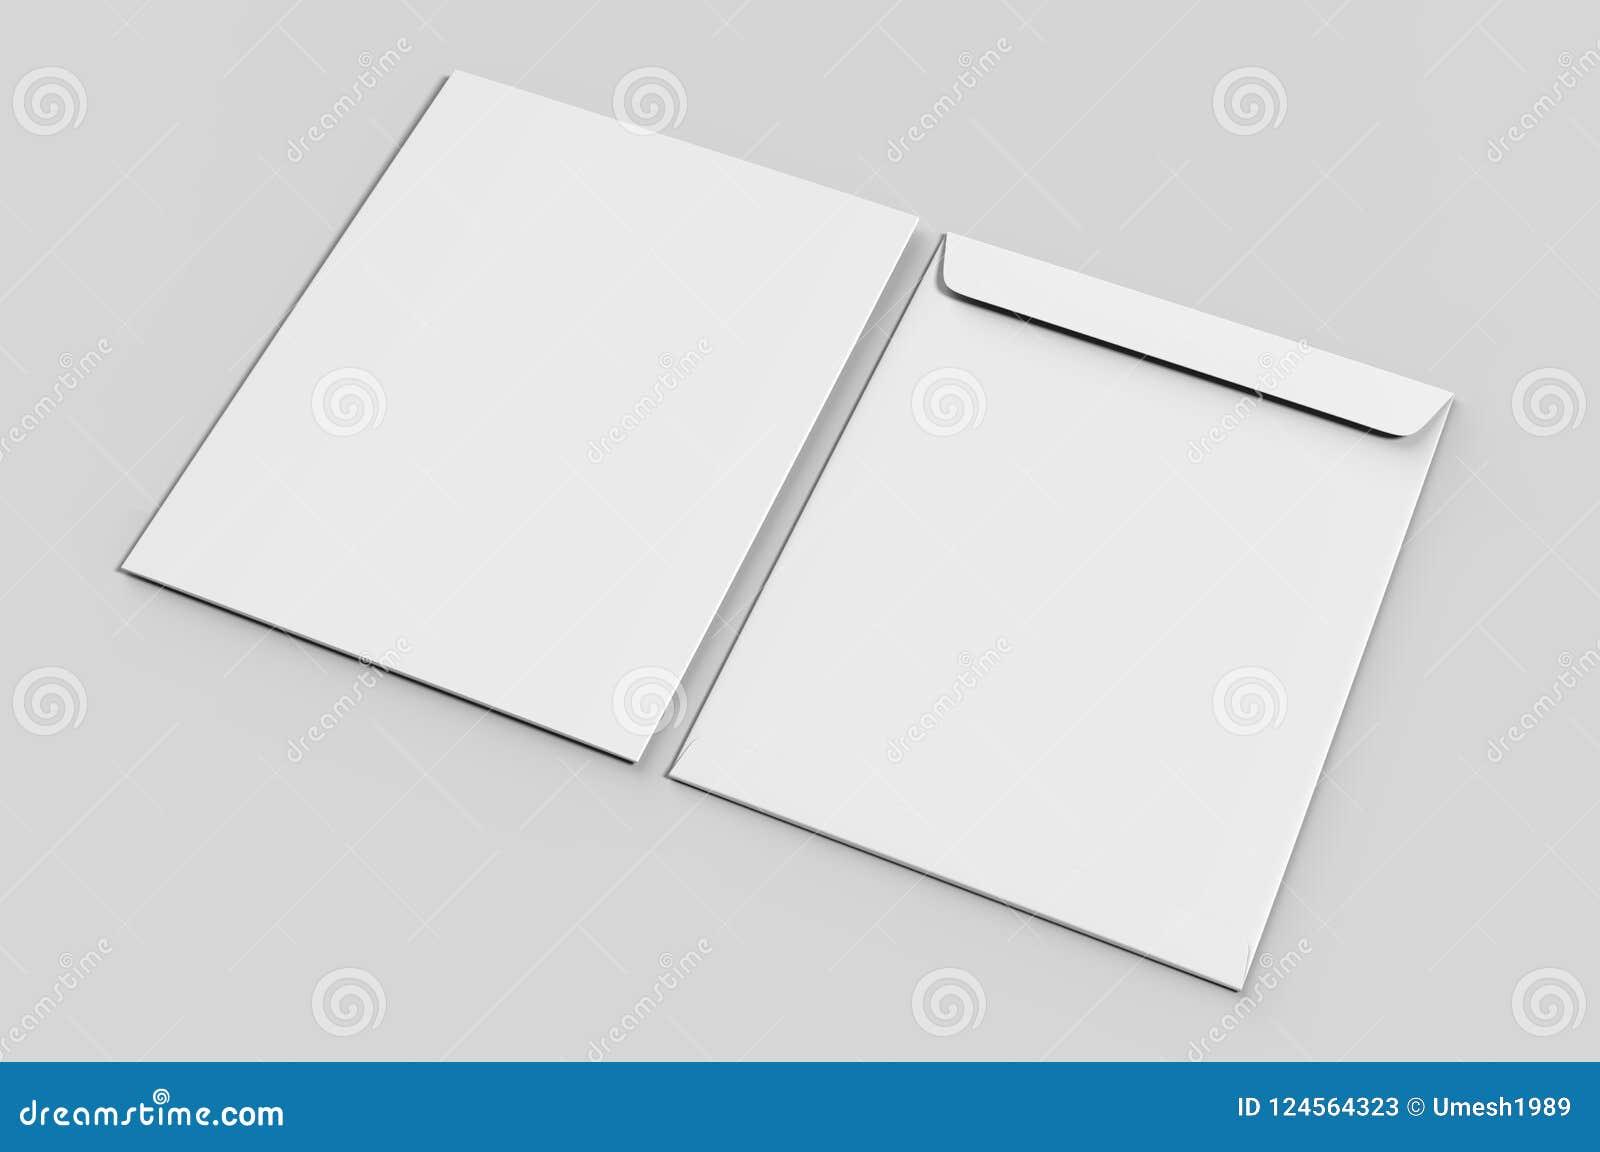 blank c4 envelope mock up blank template 3d render illustration